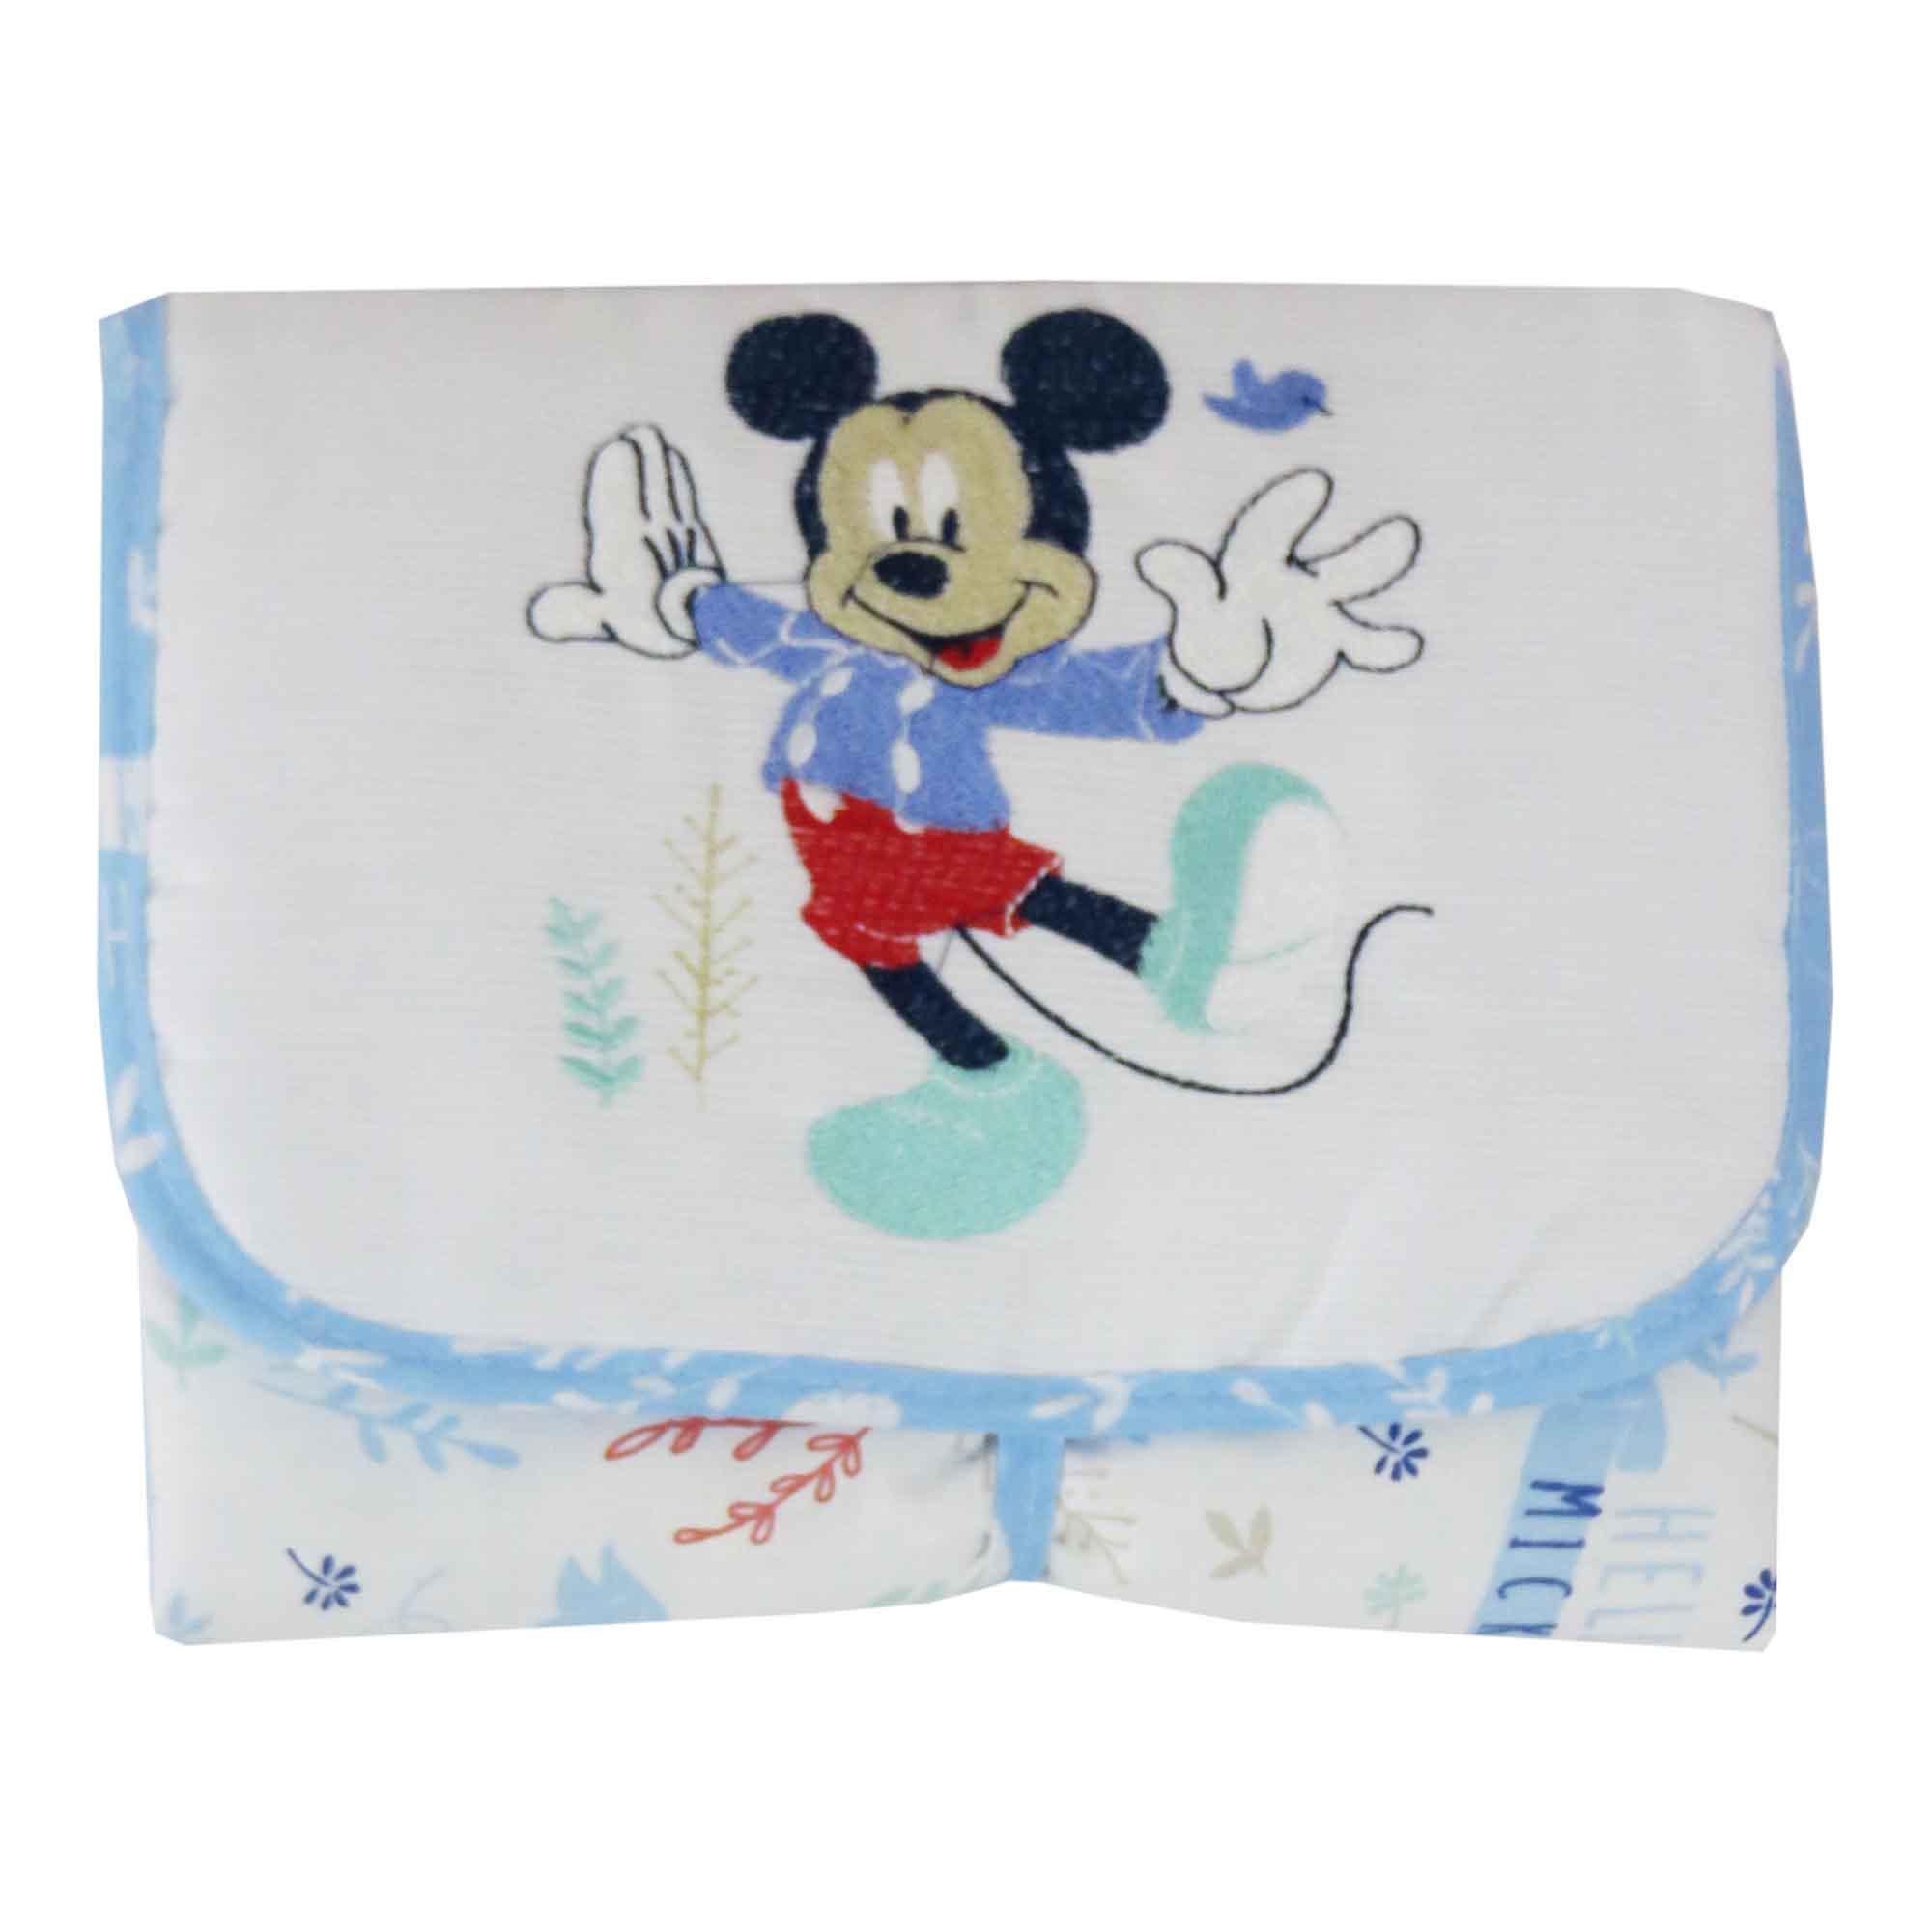 Trocador Portátil Minasrey Disney Bordado - Mickey